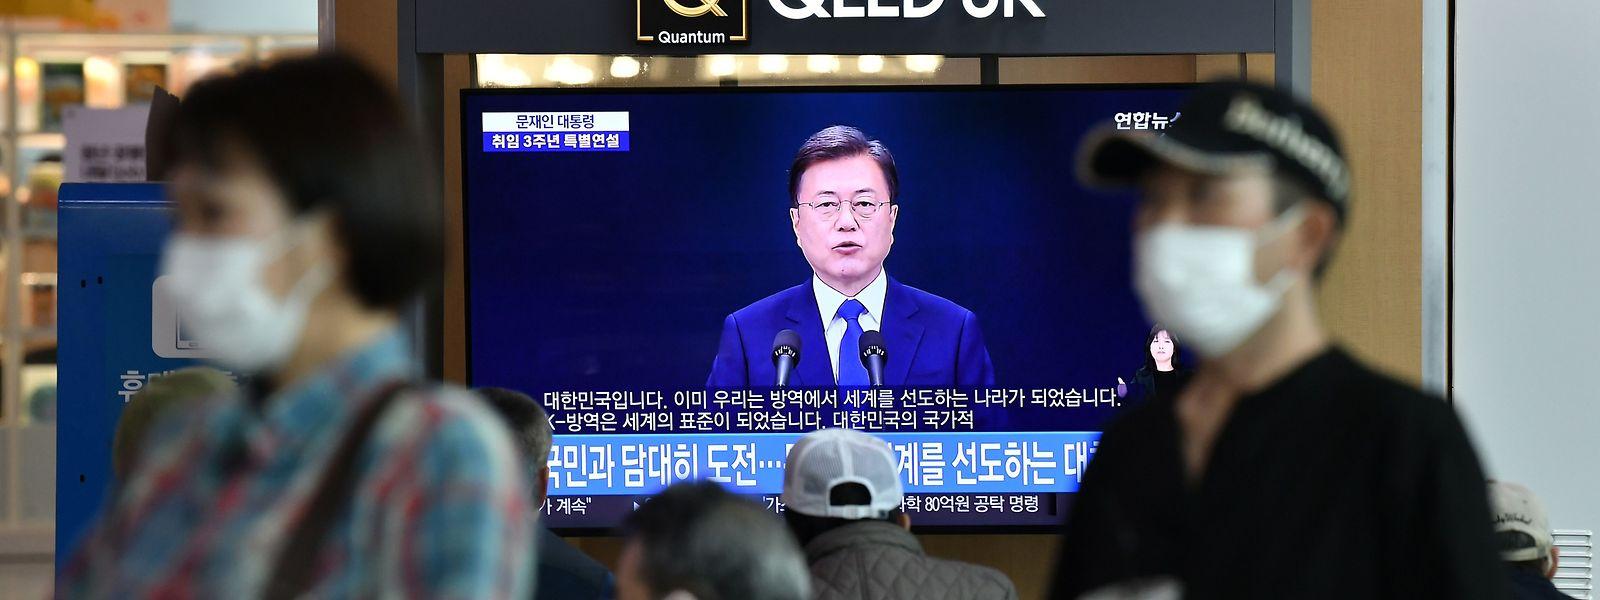 Le président sud-coréen Moon Jae-in a exhorté la population à la plus grande vigilance.